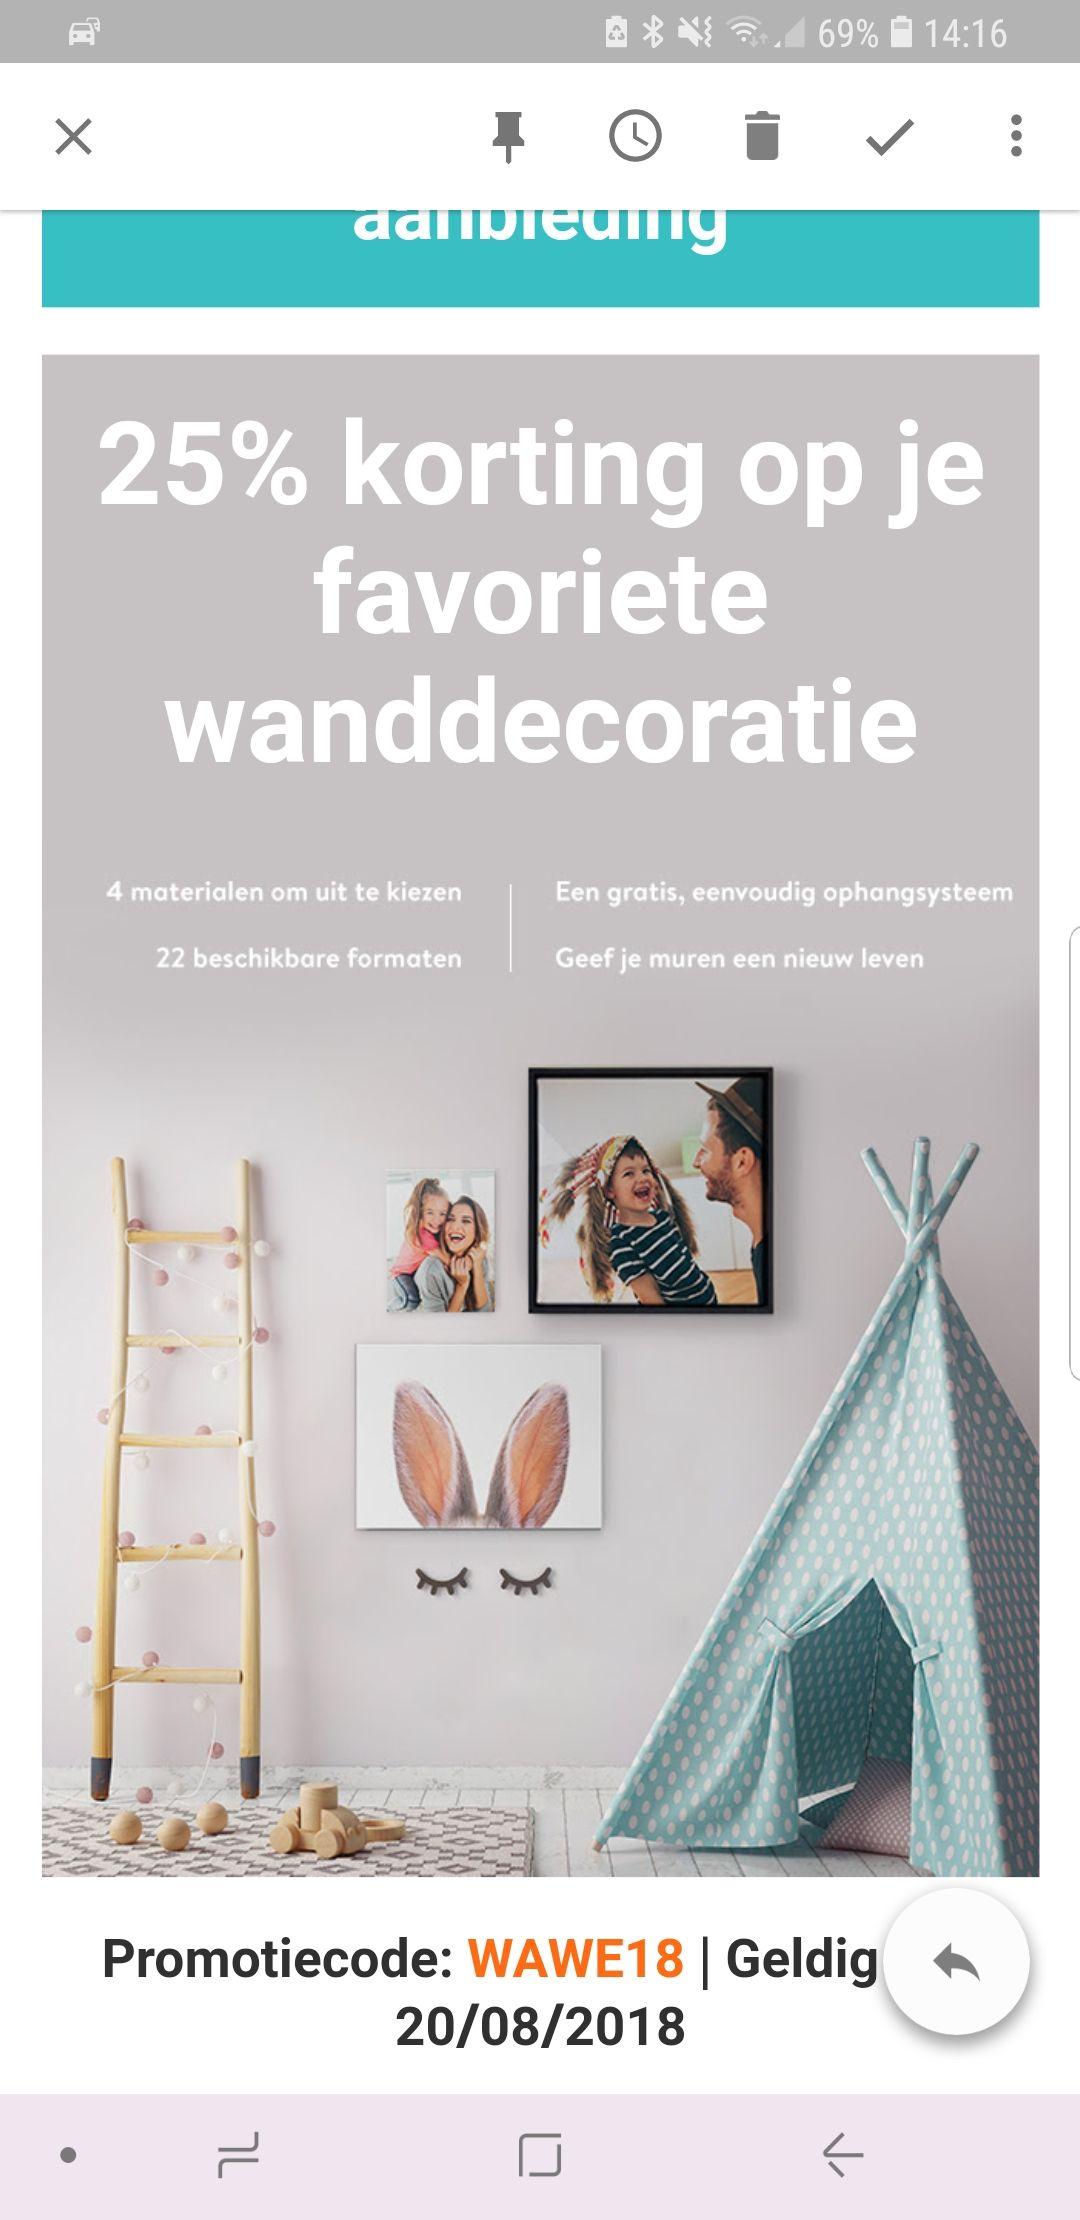 25% korting op je favoriete wanddecoratie